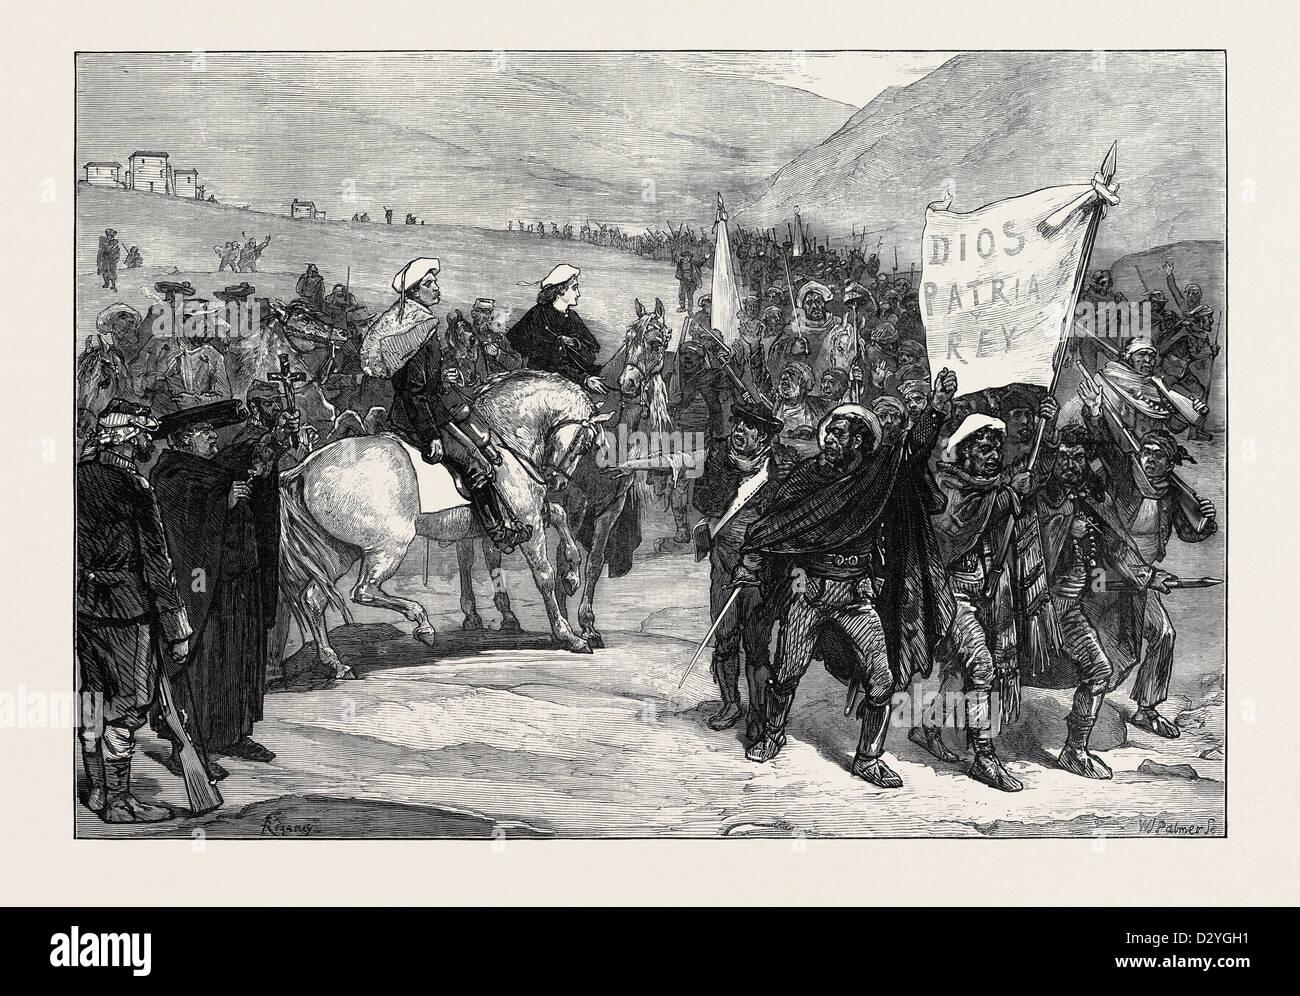 Revisión de los voluntarios carlistas en Cataluña por Don Alfonso 1873 Imagen De Stock